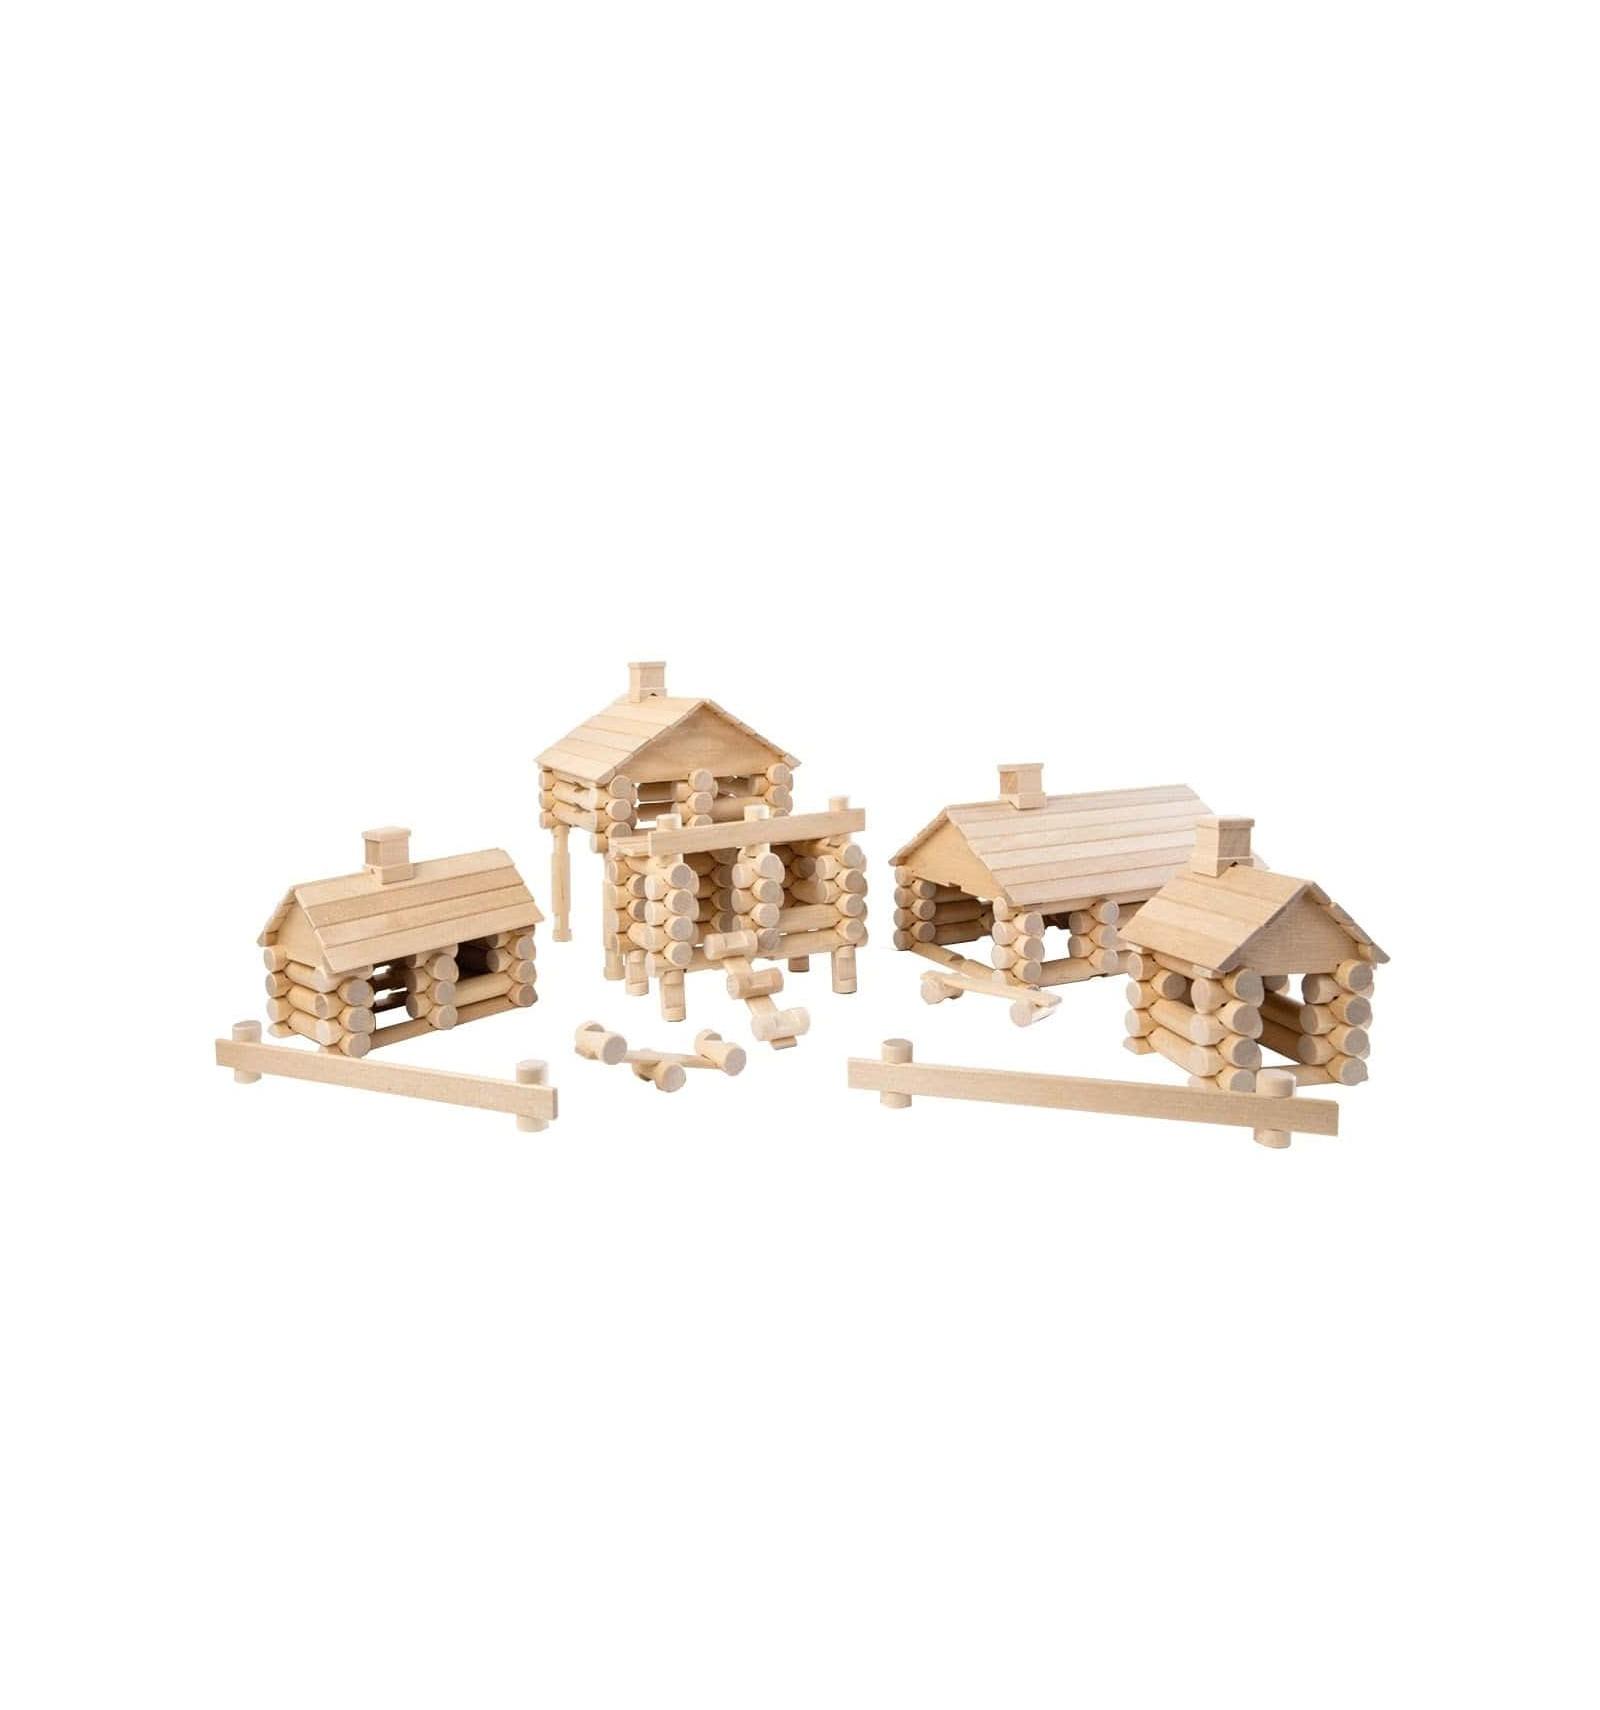 luxus spielzeug bauernhof selber bauen tierspielzeug. Black Bedroom Furniture Sets. Home Design Ideas